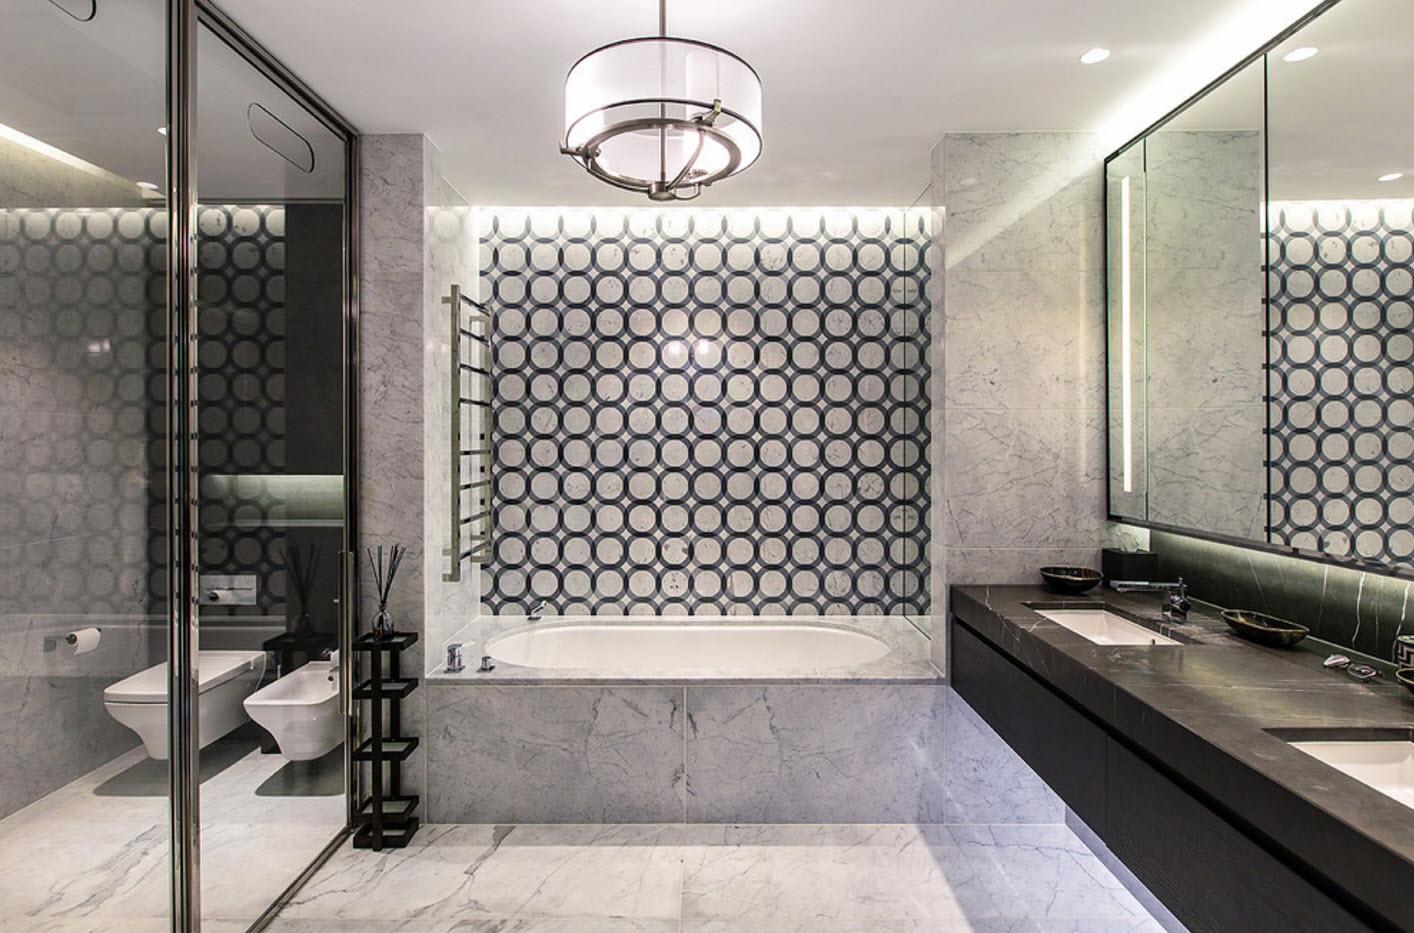 conception de salle de bain avec des motifs géométriques de toilettes